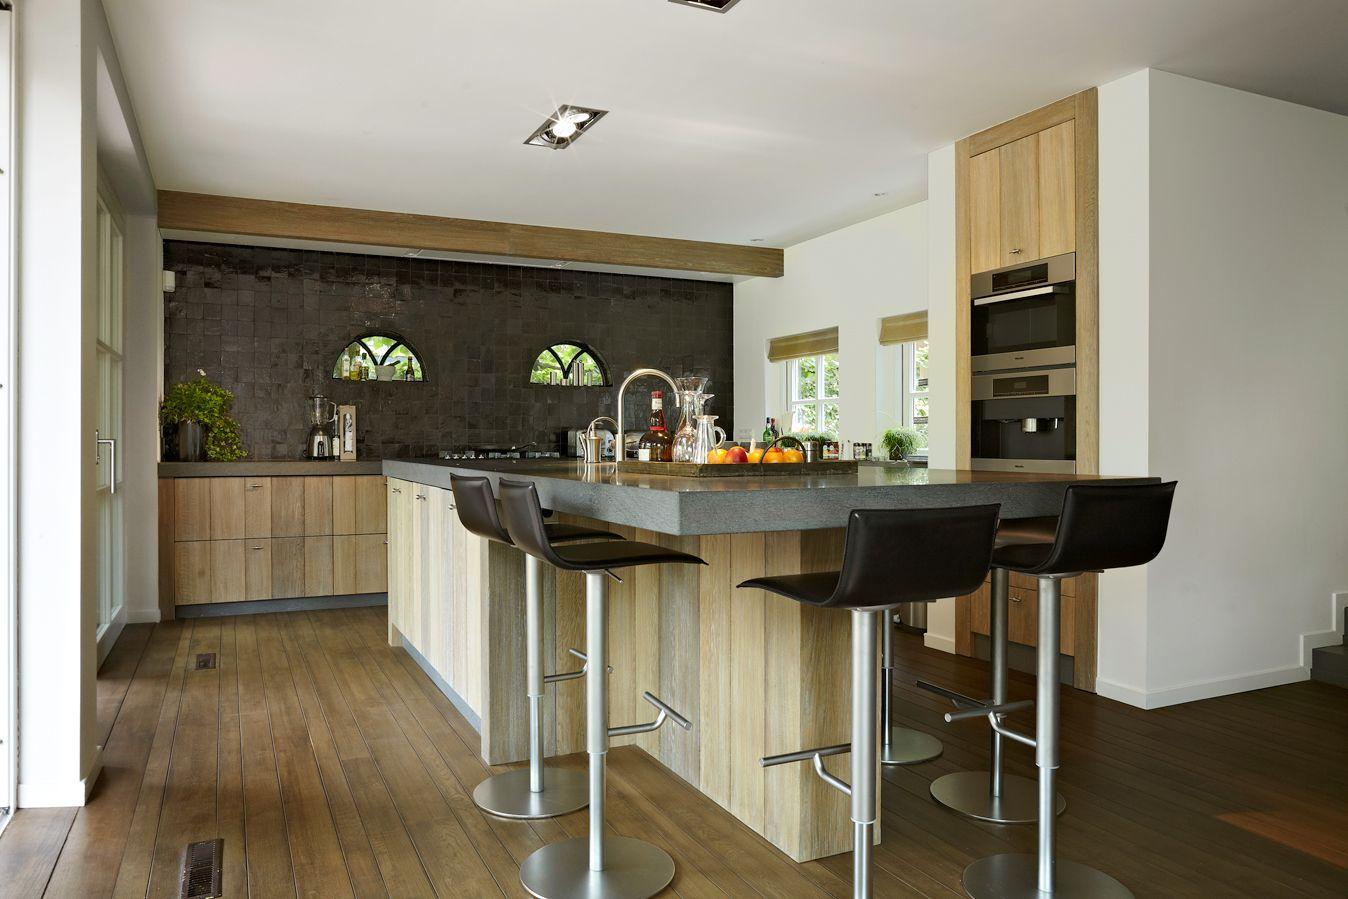 Kookeiland Keuken Houten : Geweldige houten keuken met kookeiland heel mooi met de warme